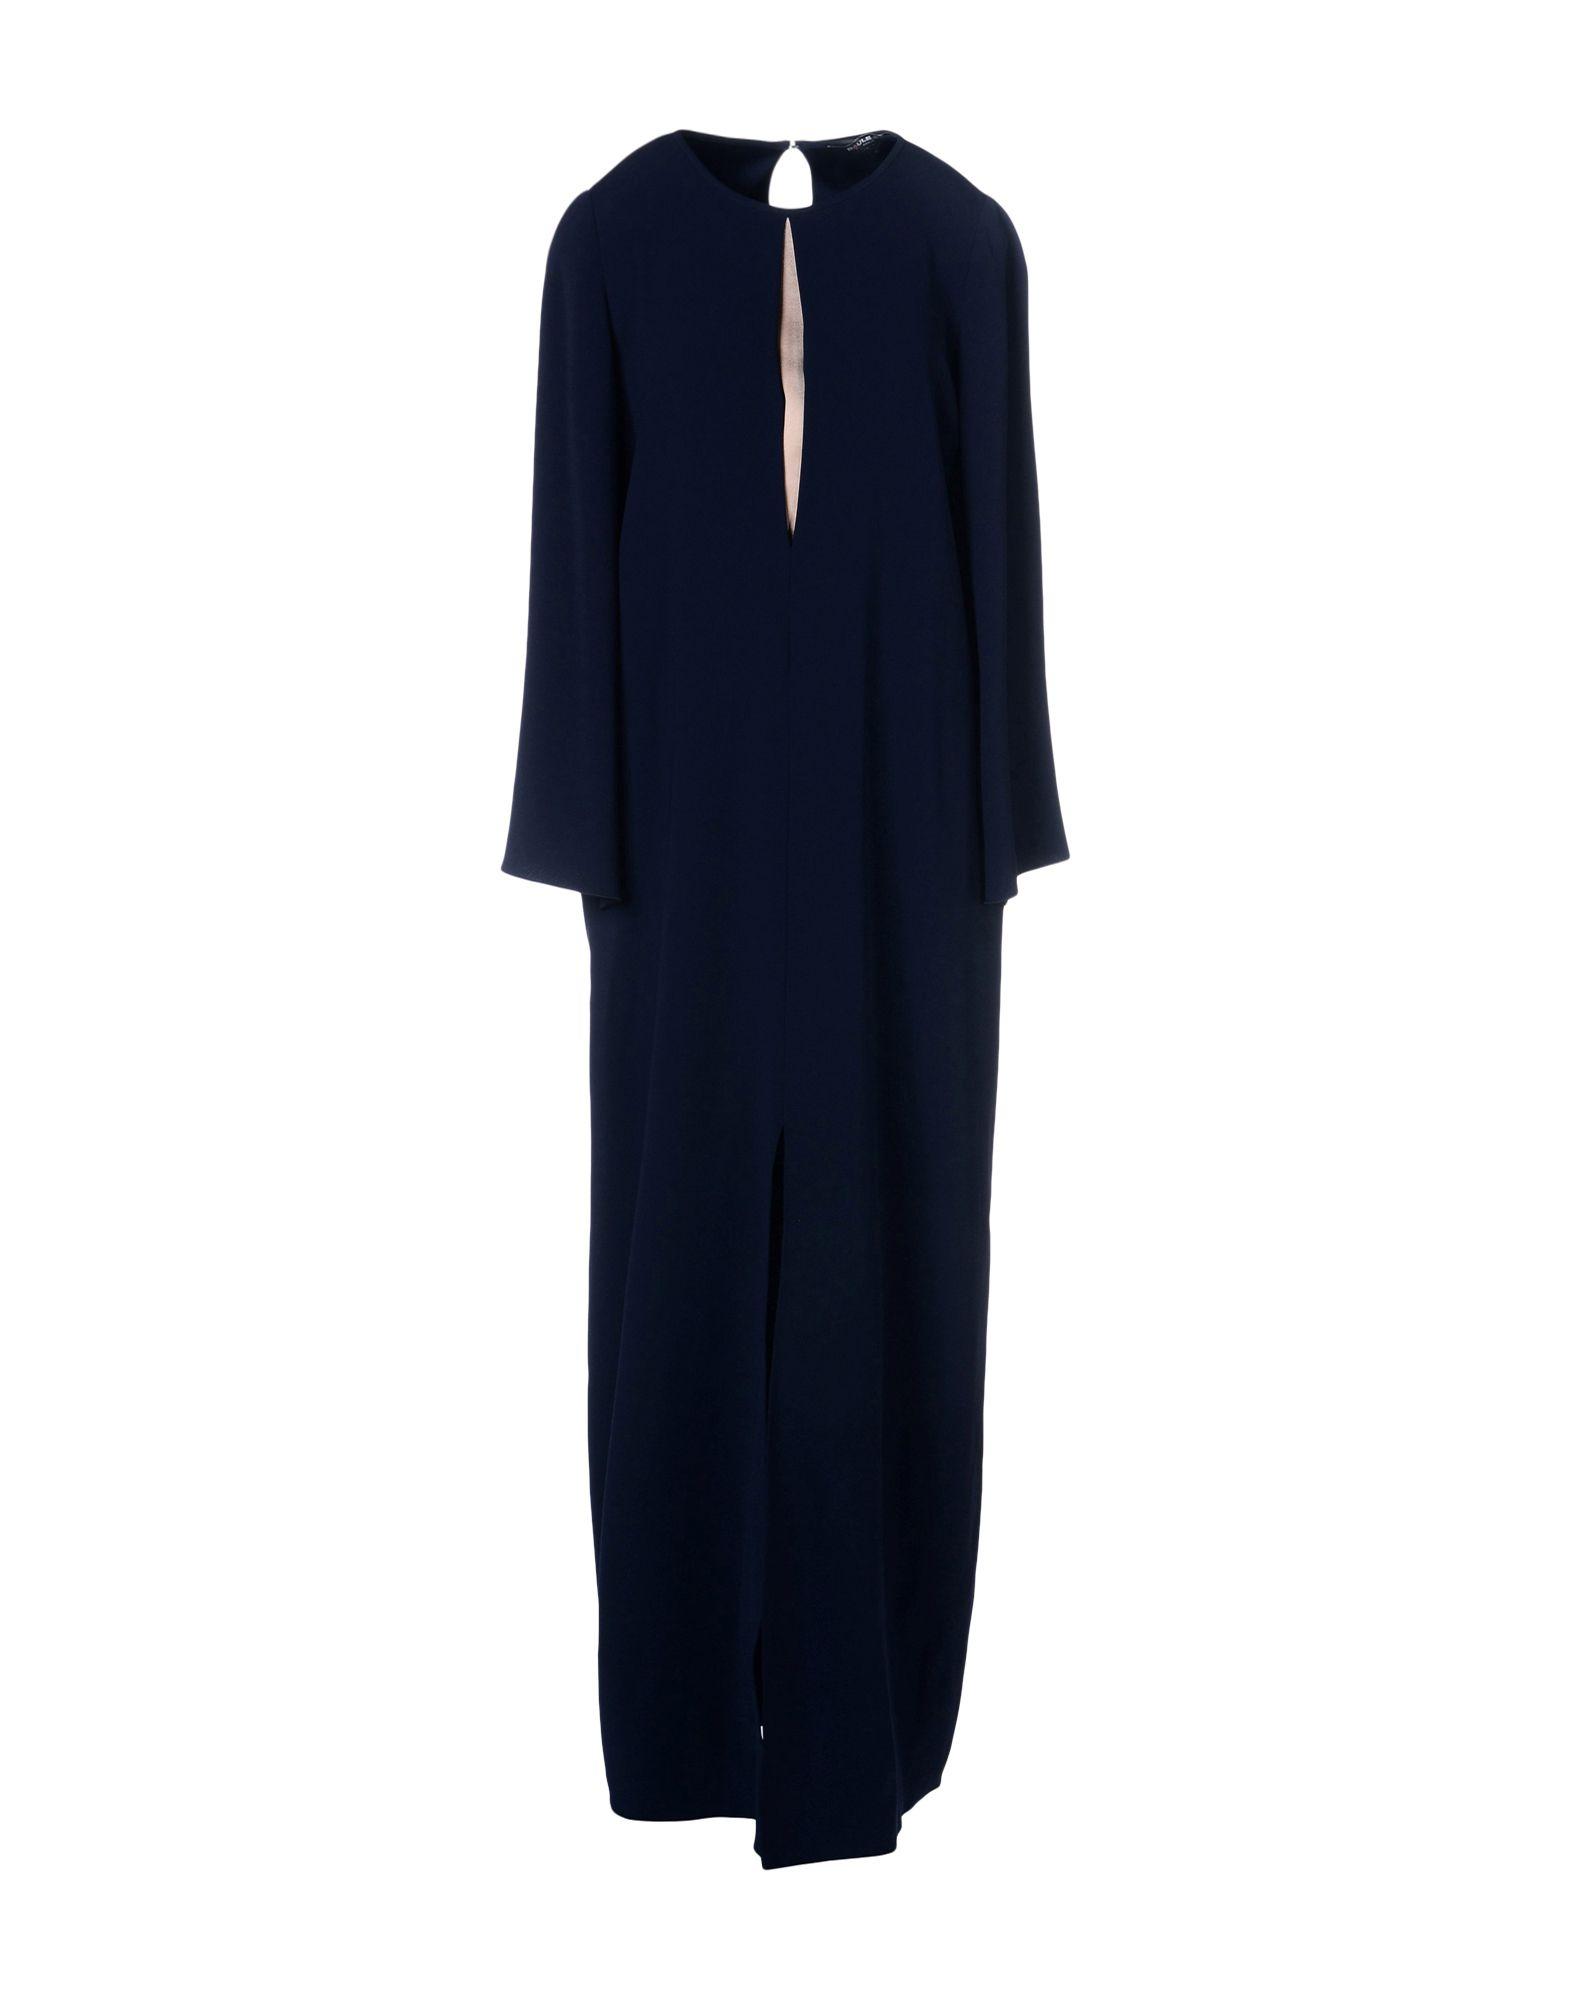 PAULE KA Длинное платье платье короткое спереди длинное сзади летнее